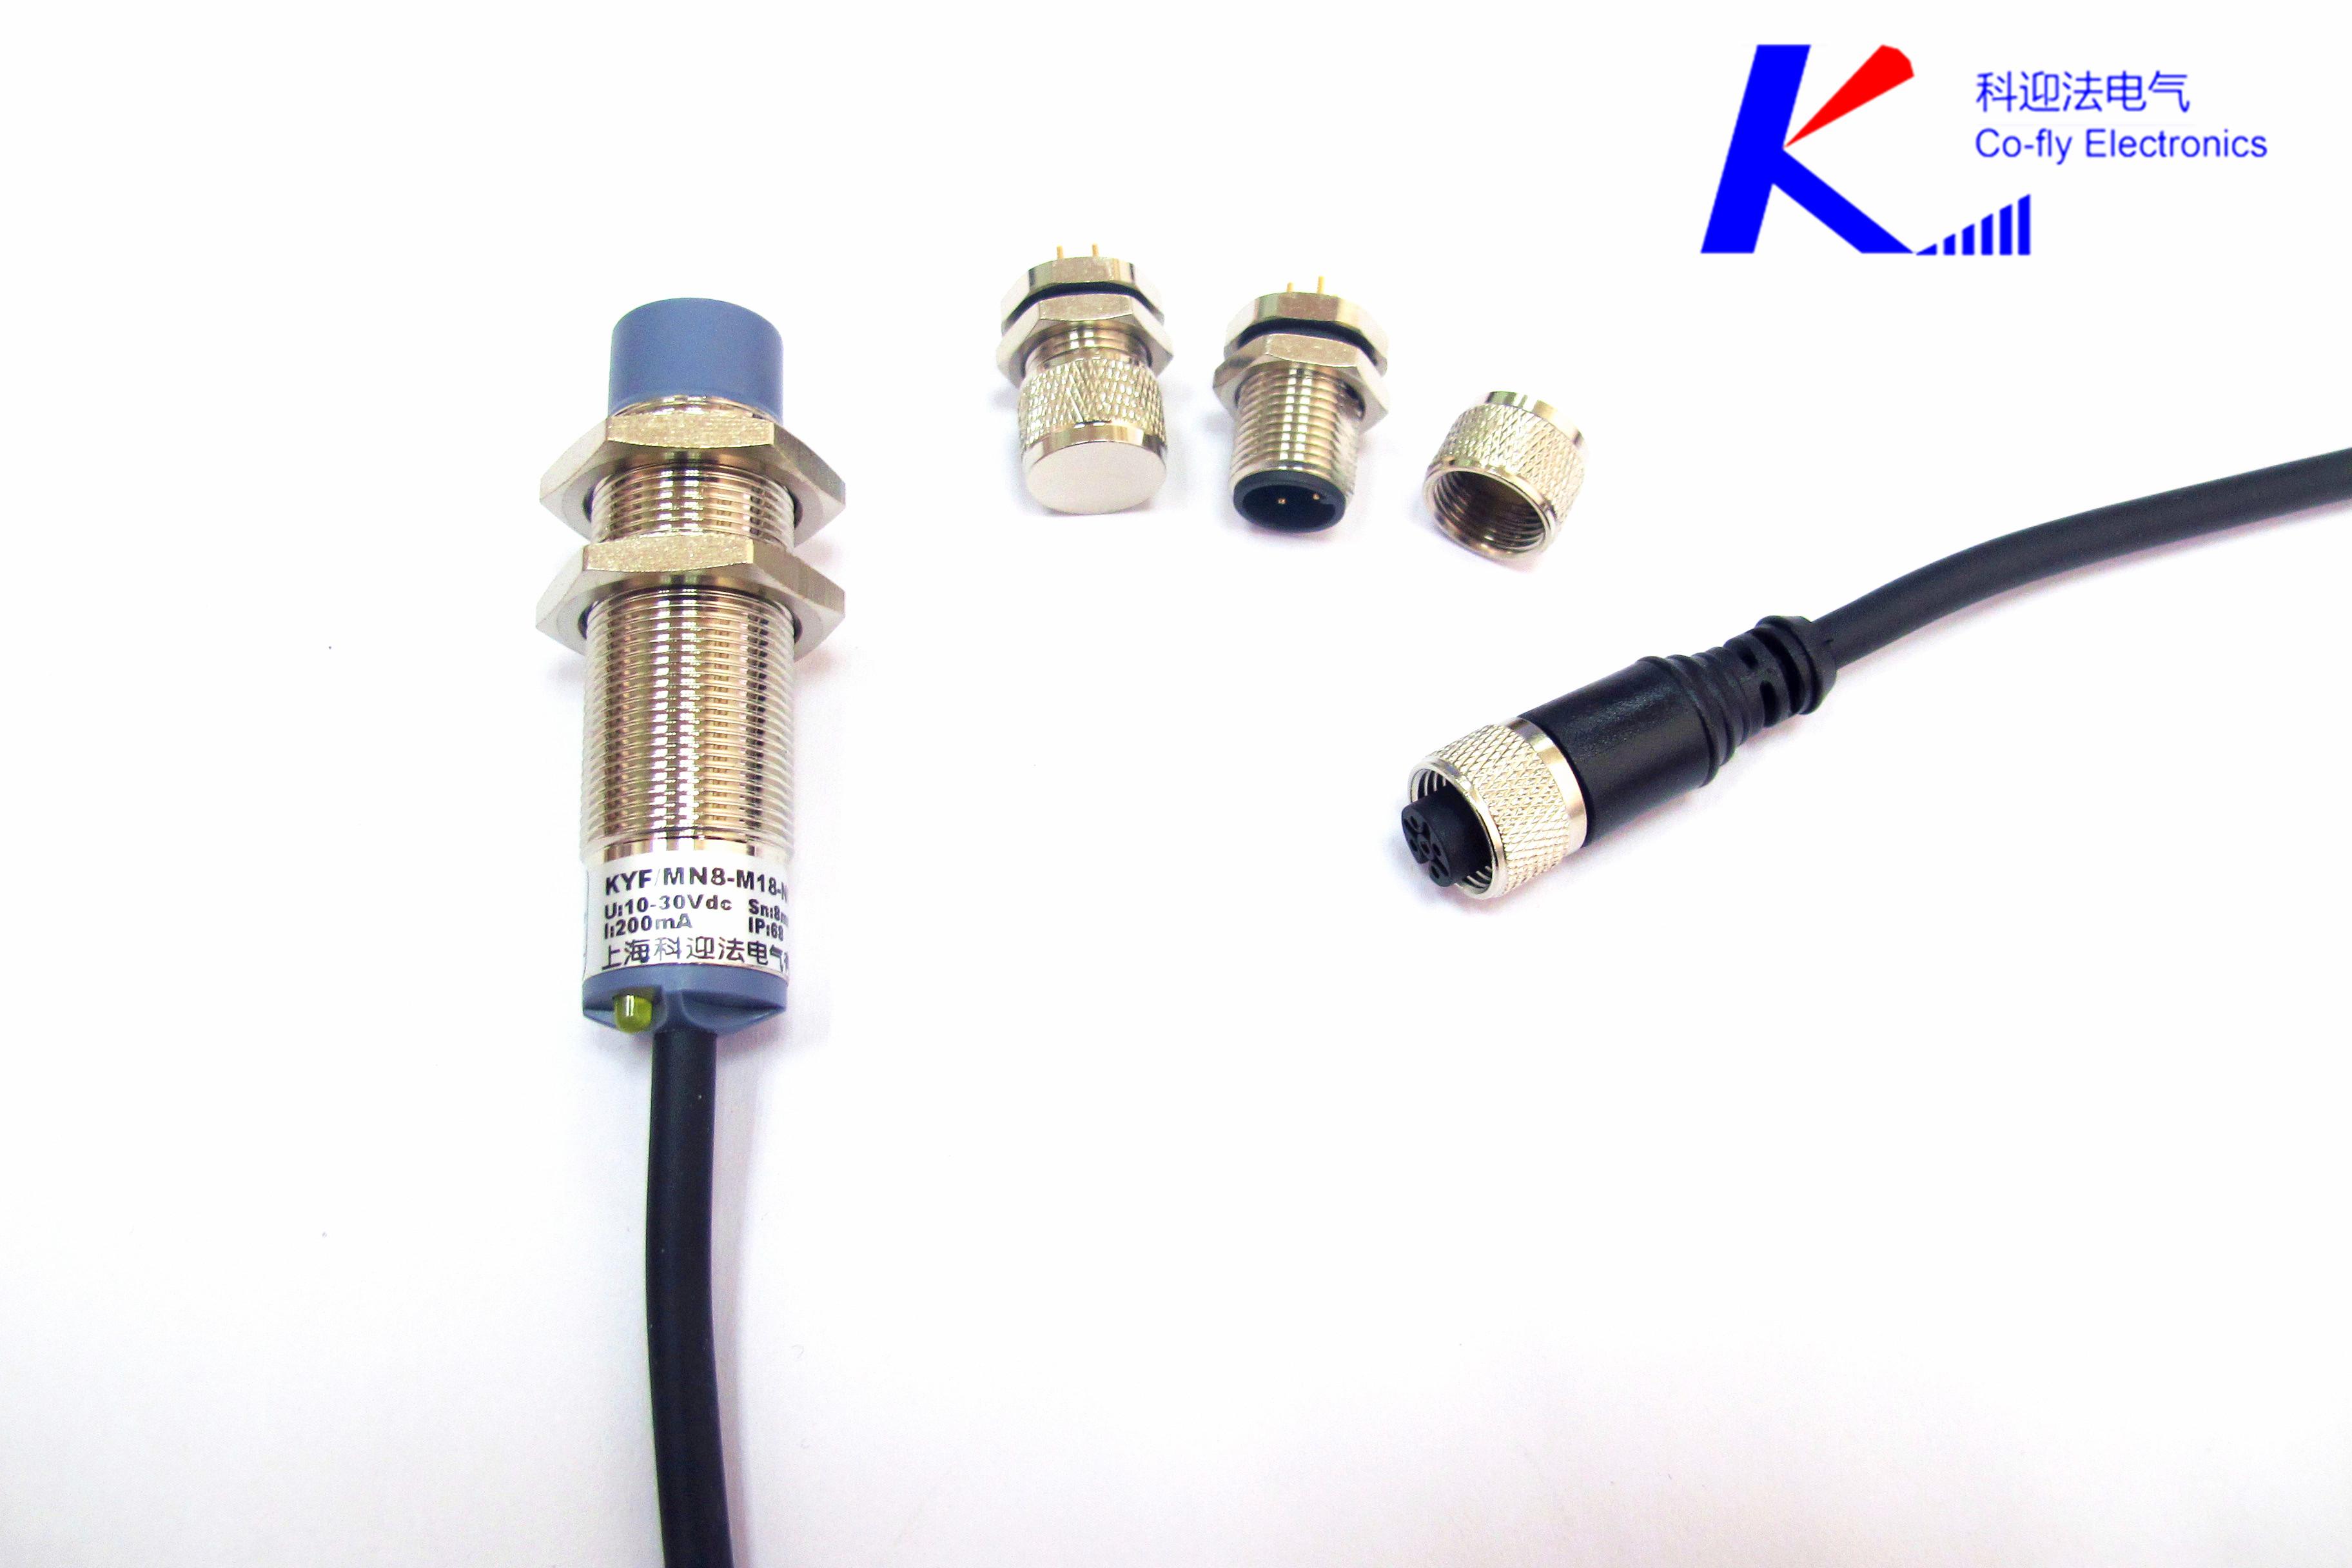 霍尔传感器及其组件